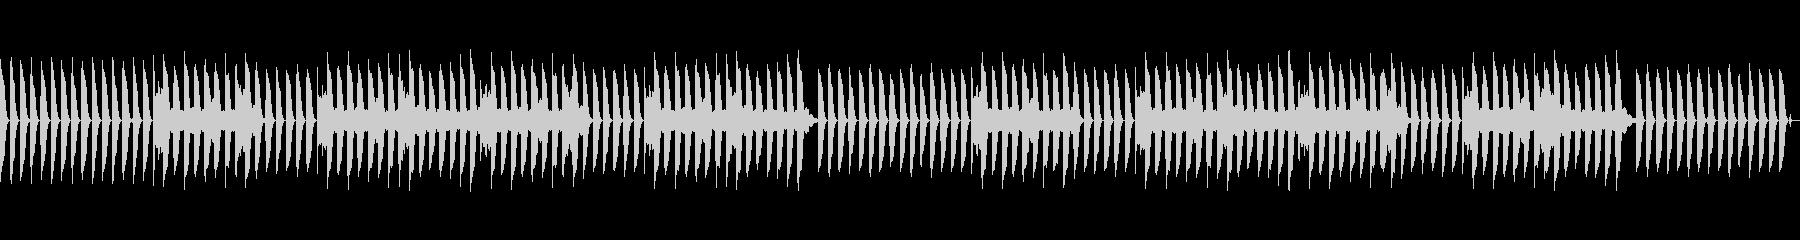 気の抜けたピアノのジングル3(ループ)の未再生の波形